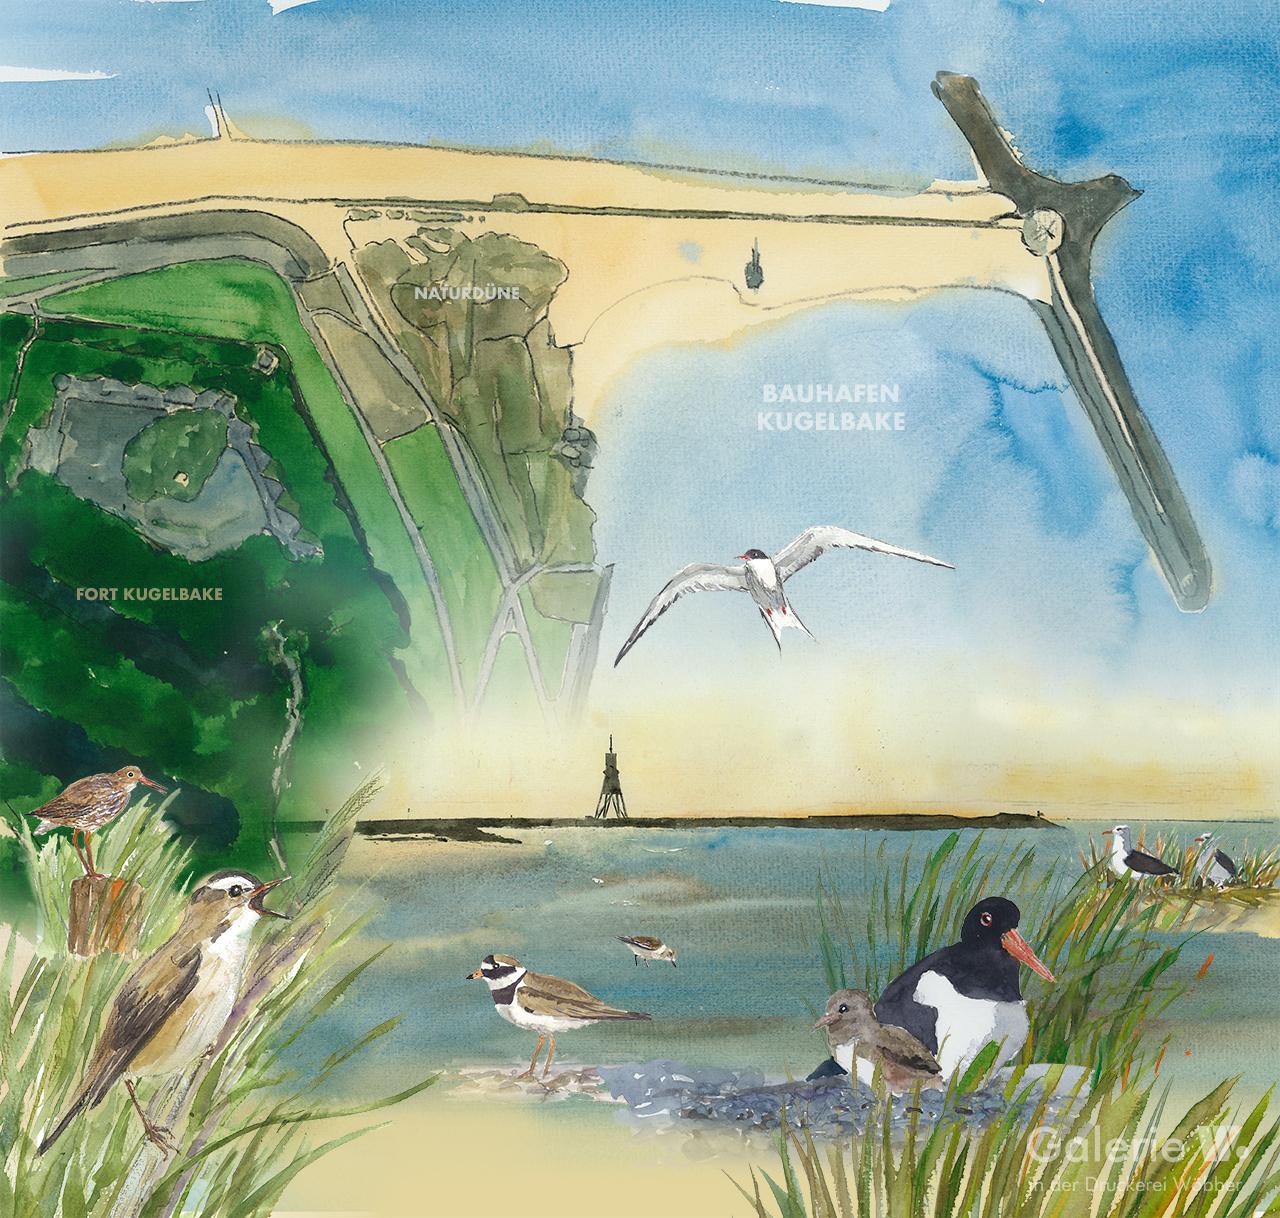 Naturschutzgebiet Bauhafen